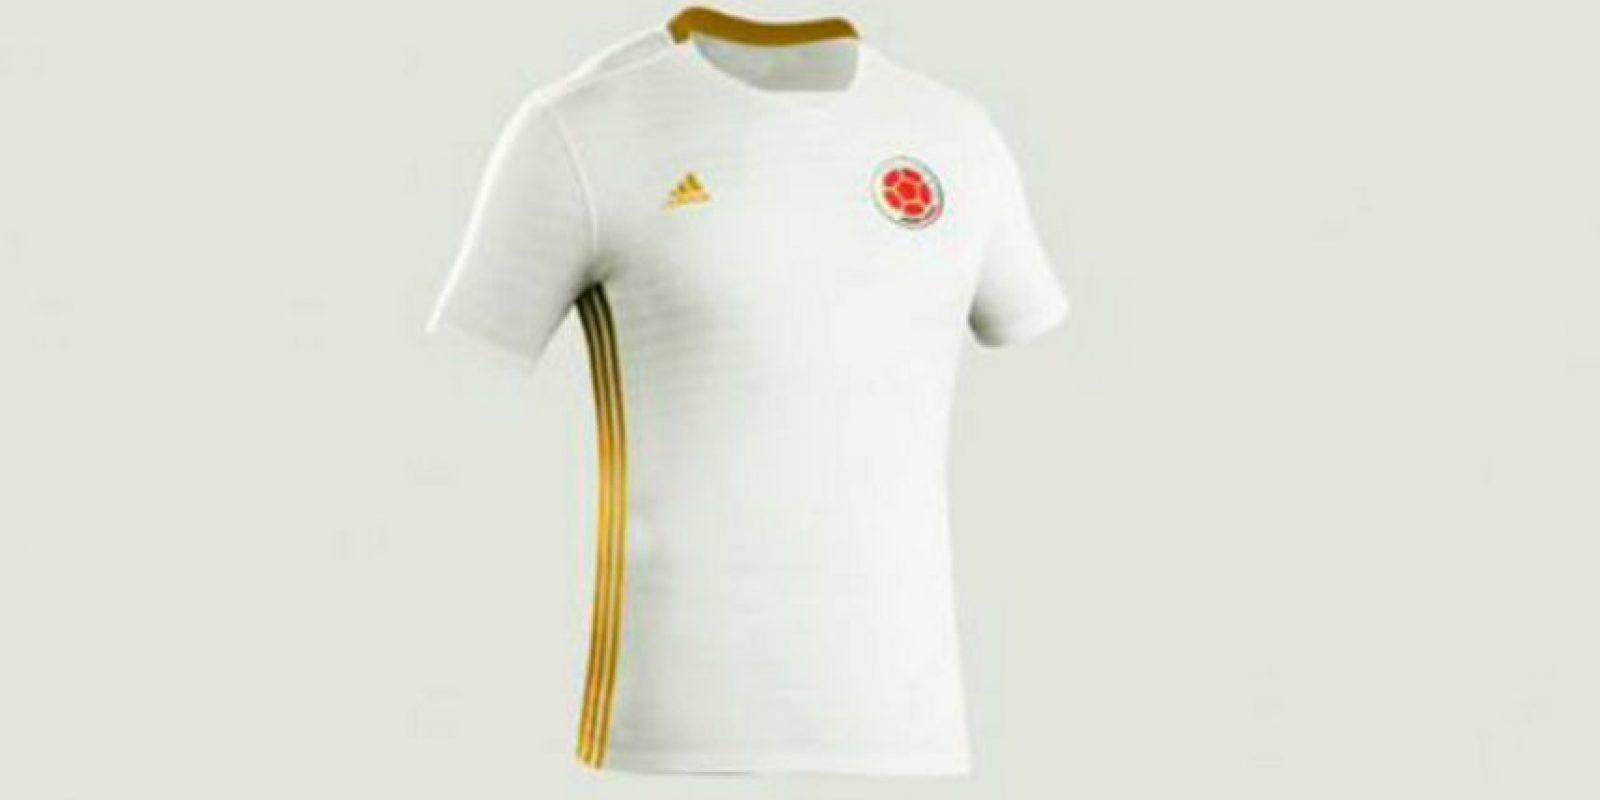 Camiseta blanca para la selección Colombia en 2016  e185987a3e41c